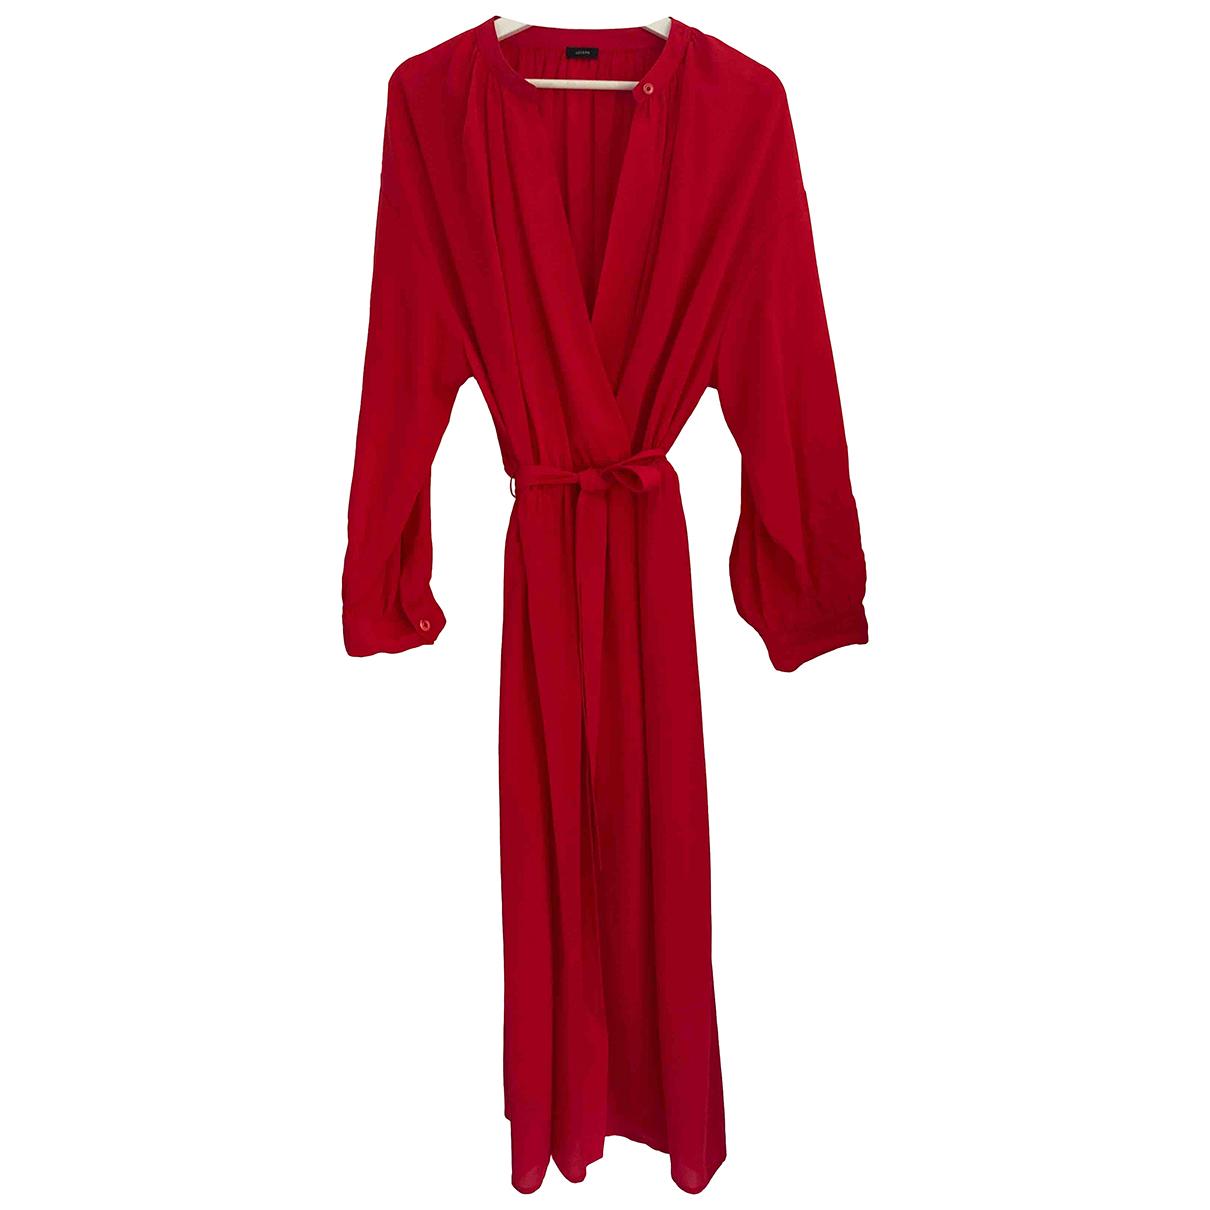 Joseph - Robe   pour femme en soie - rouge